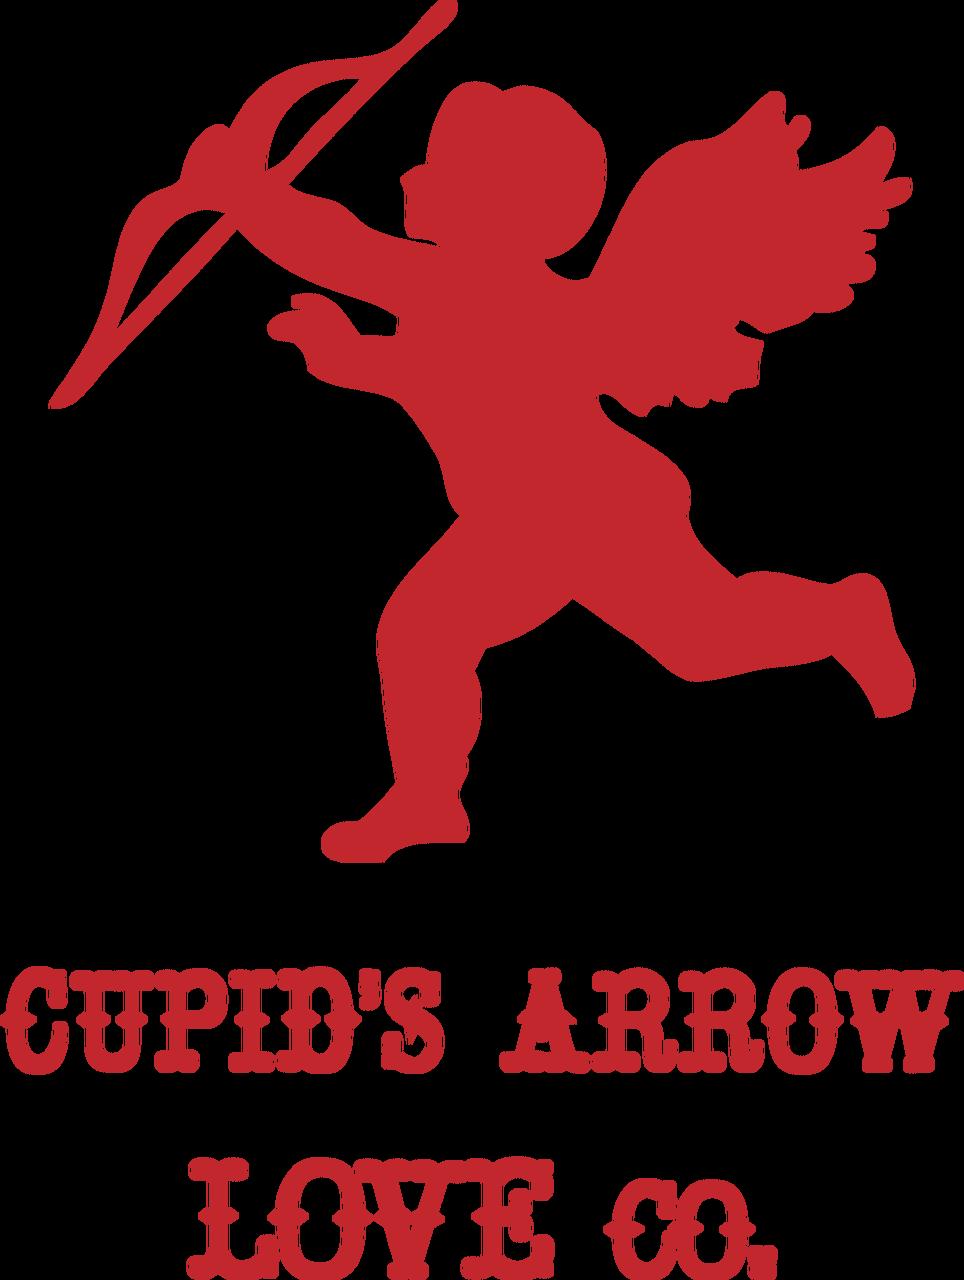 Cupid's Arrow Love Co. SVG Cut File